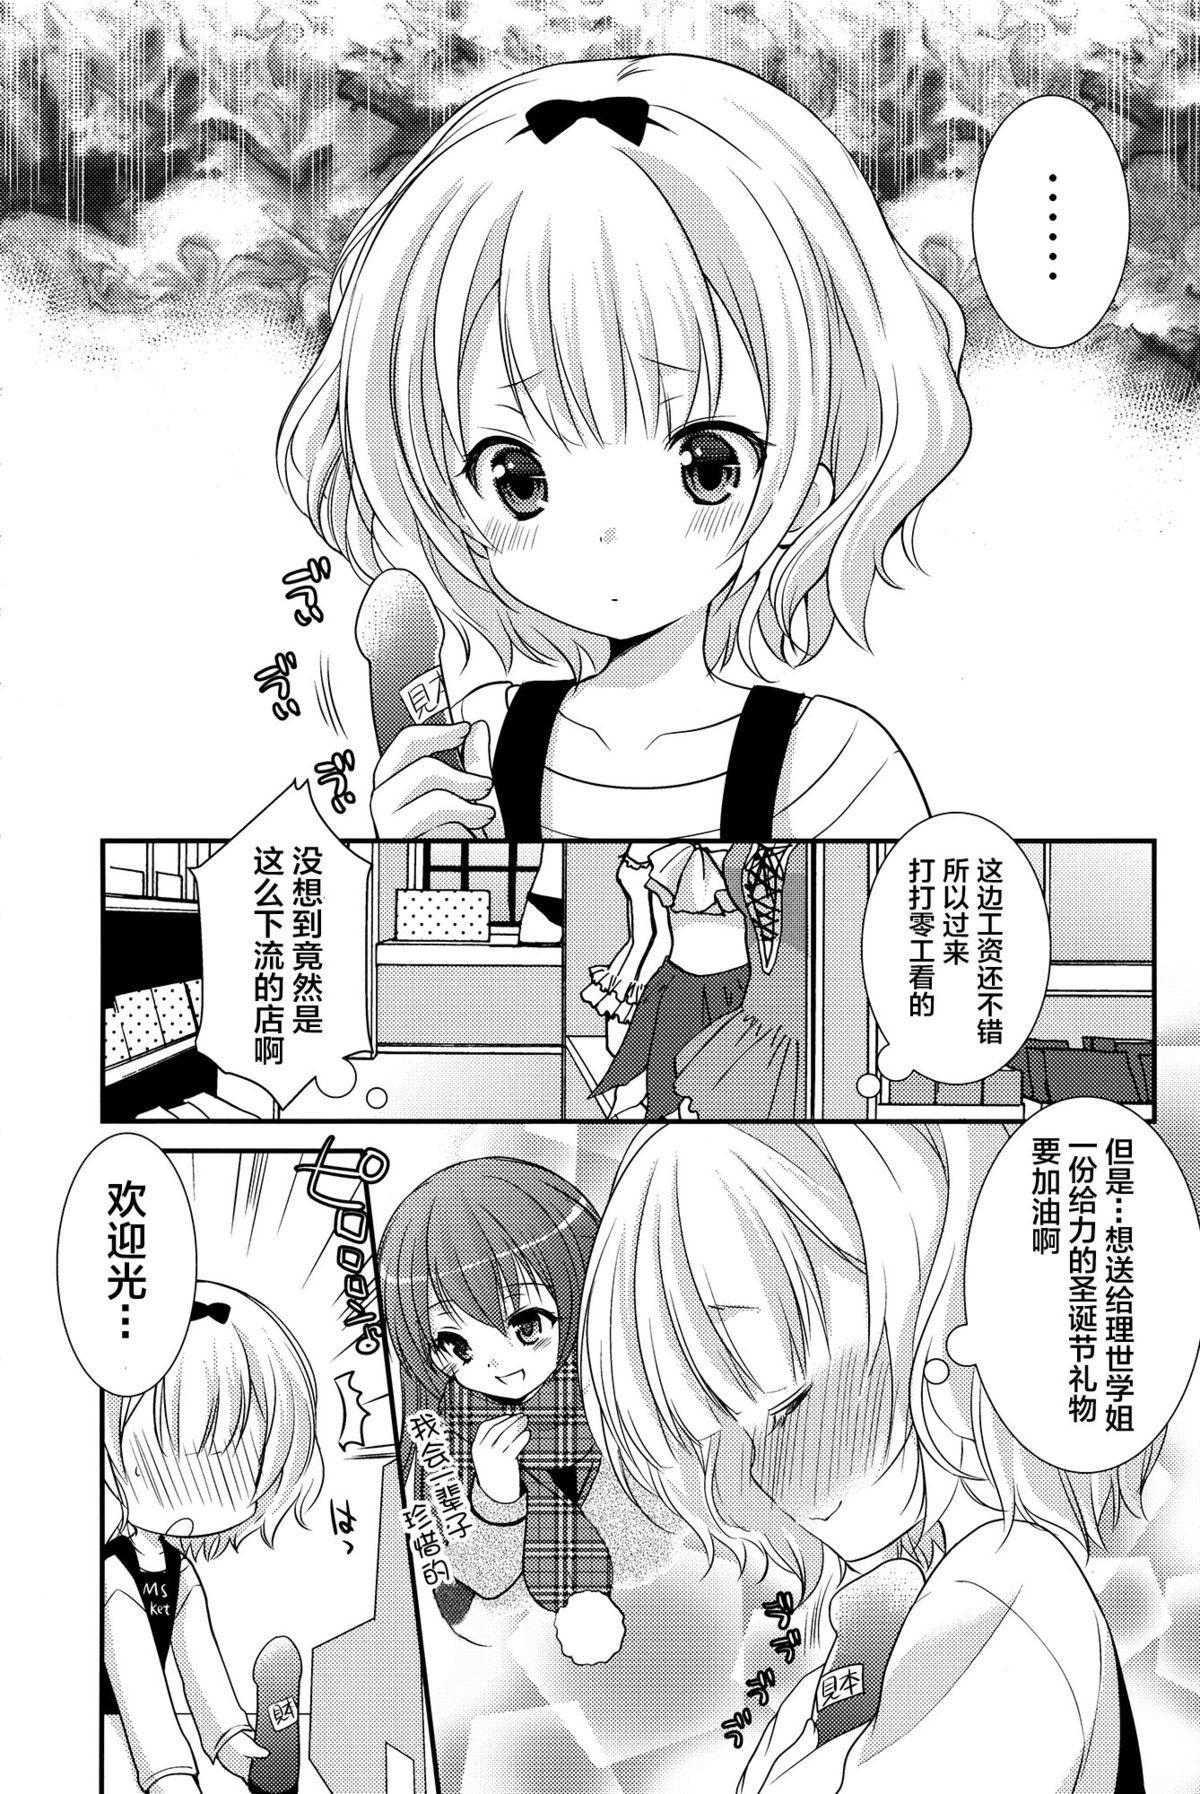 Sharo to Rize no Himitsu no Lesson 7